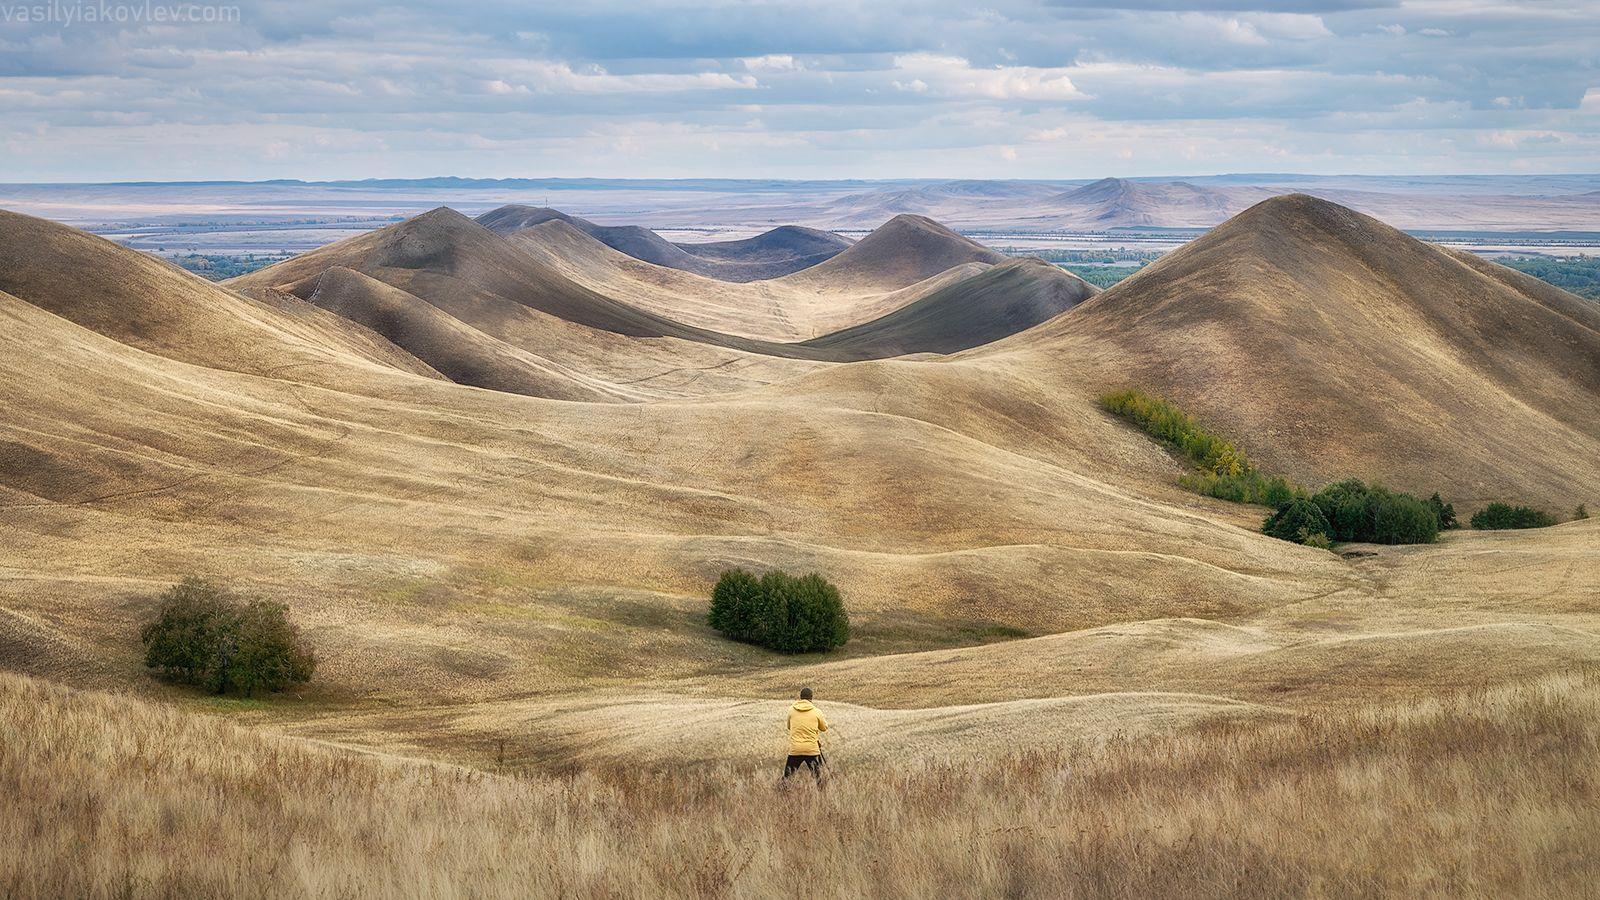 Долгие горы долгие горы фототур яковлевфототур василийяковлев